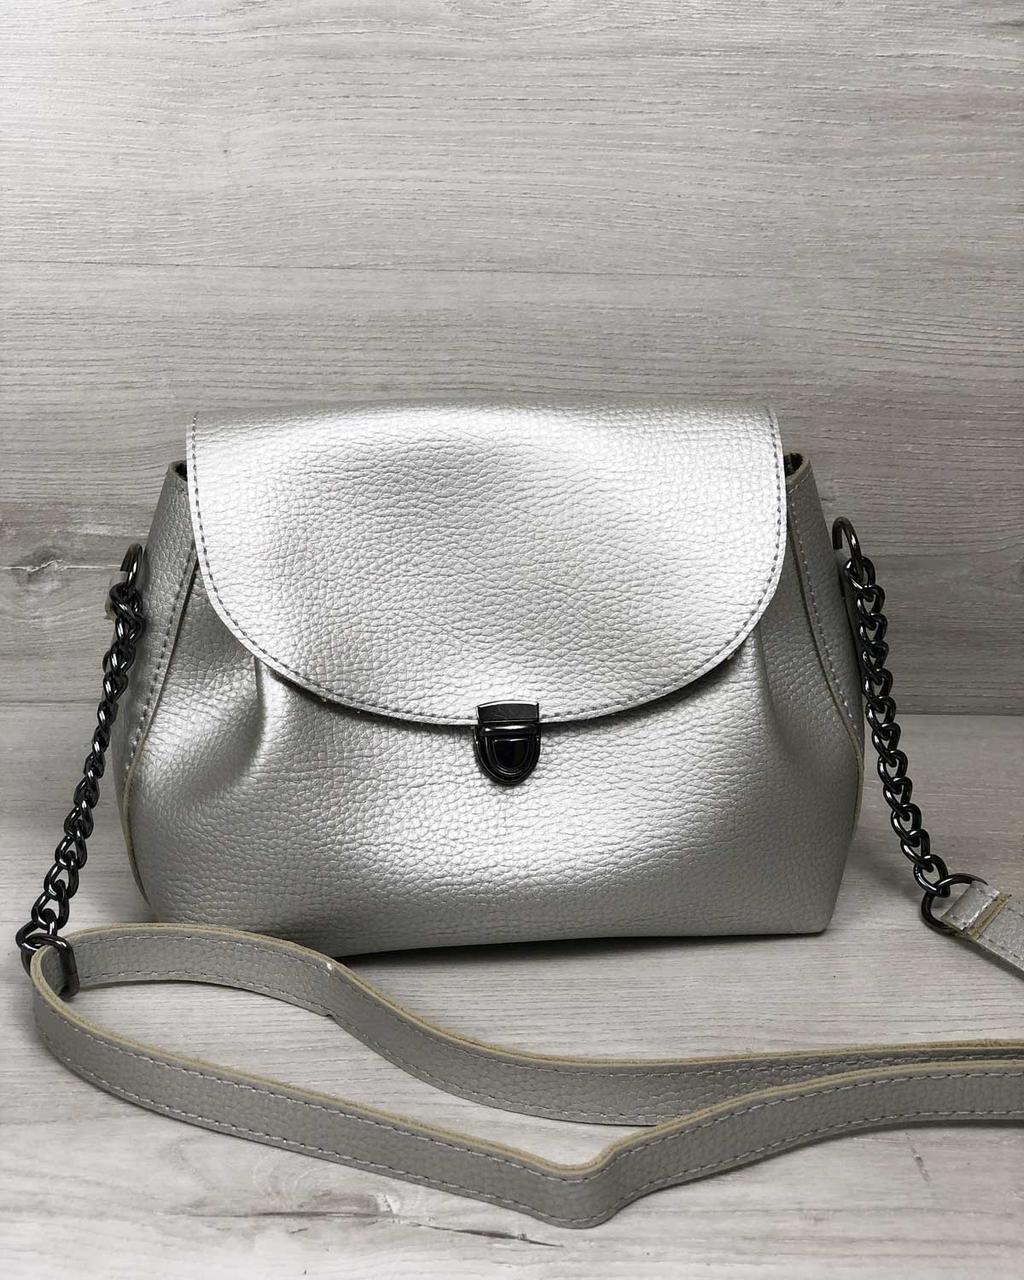 Серебристая молодежная сумочка небольшая женская сумка через плечо на длинном ремешке